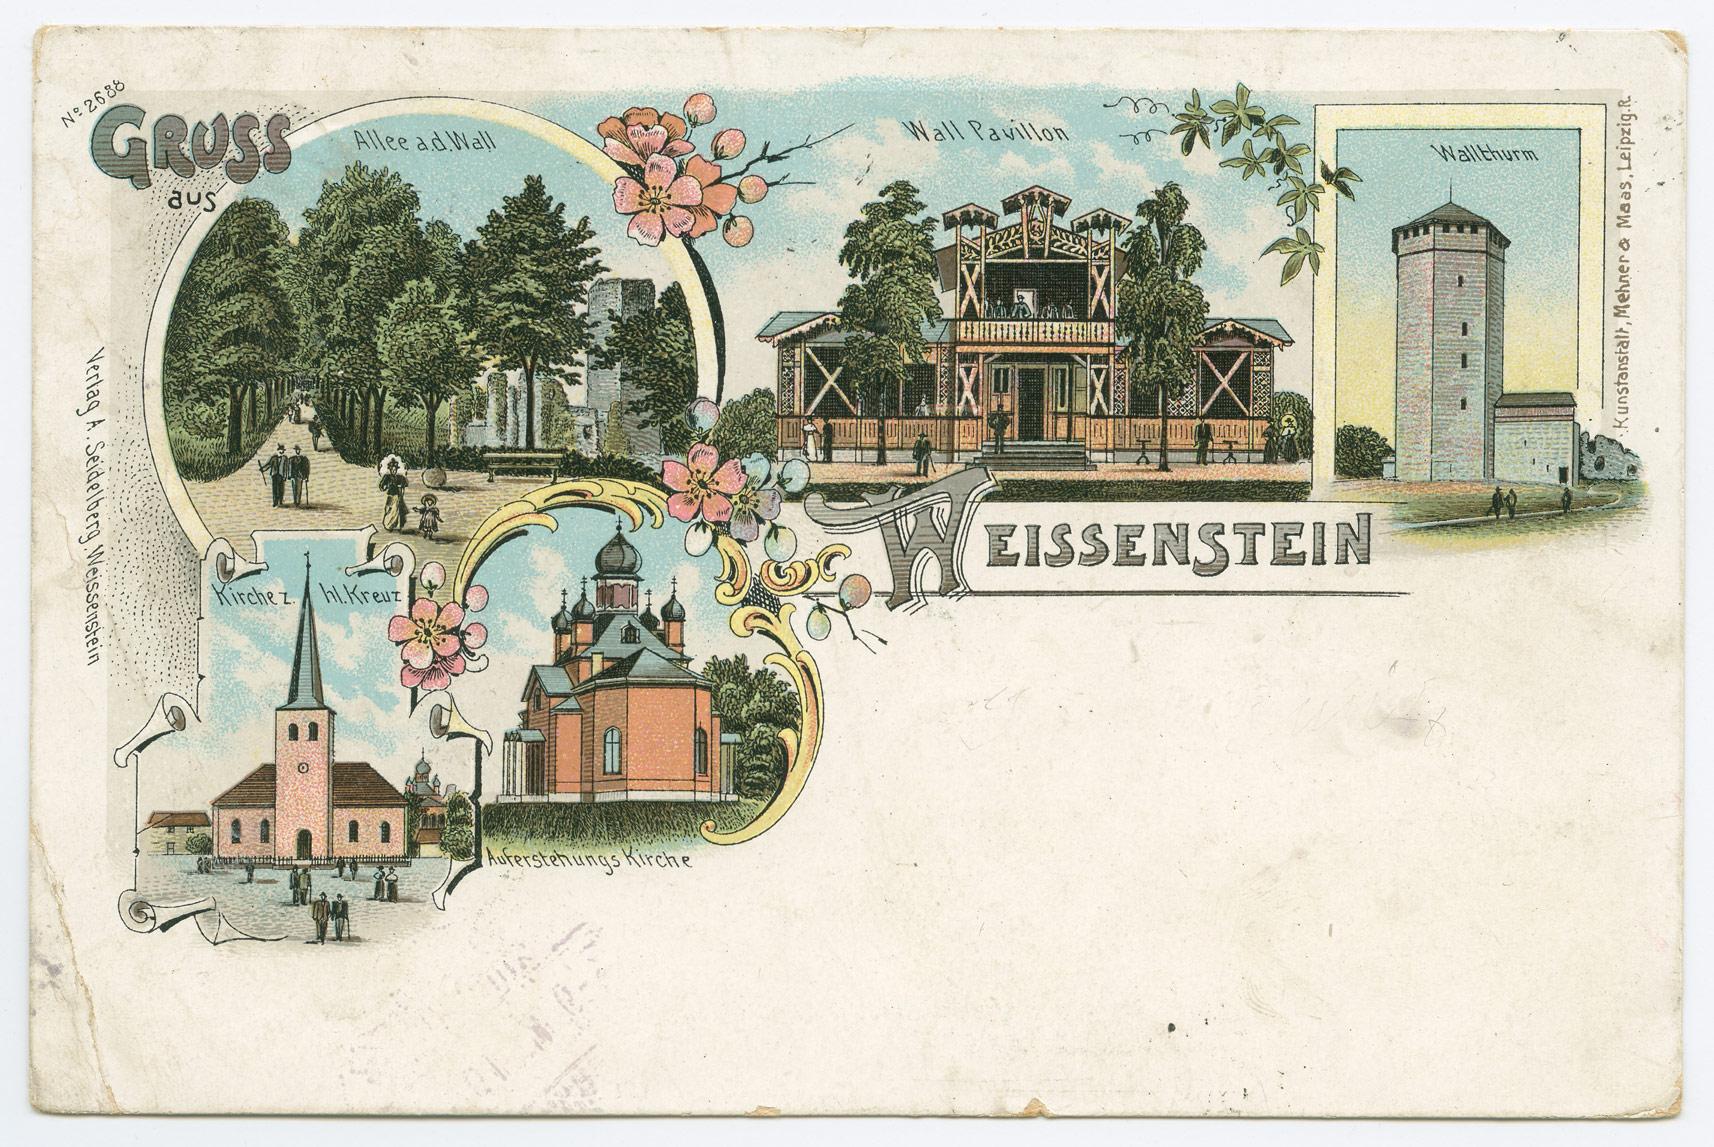 Seidelberg-Gruss-aus-Weissenstein